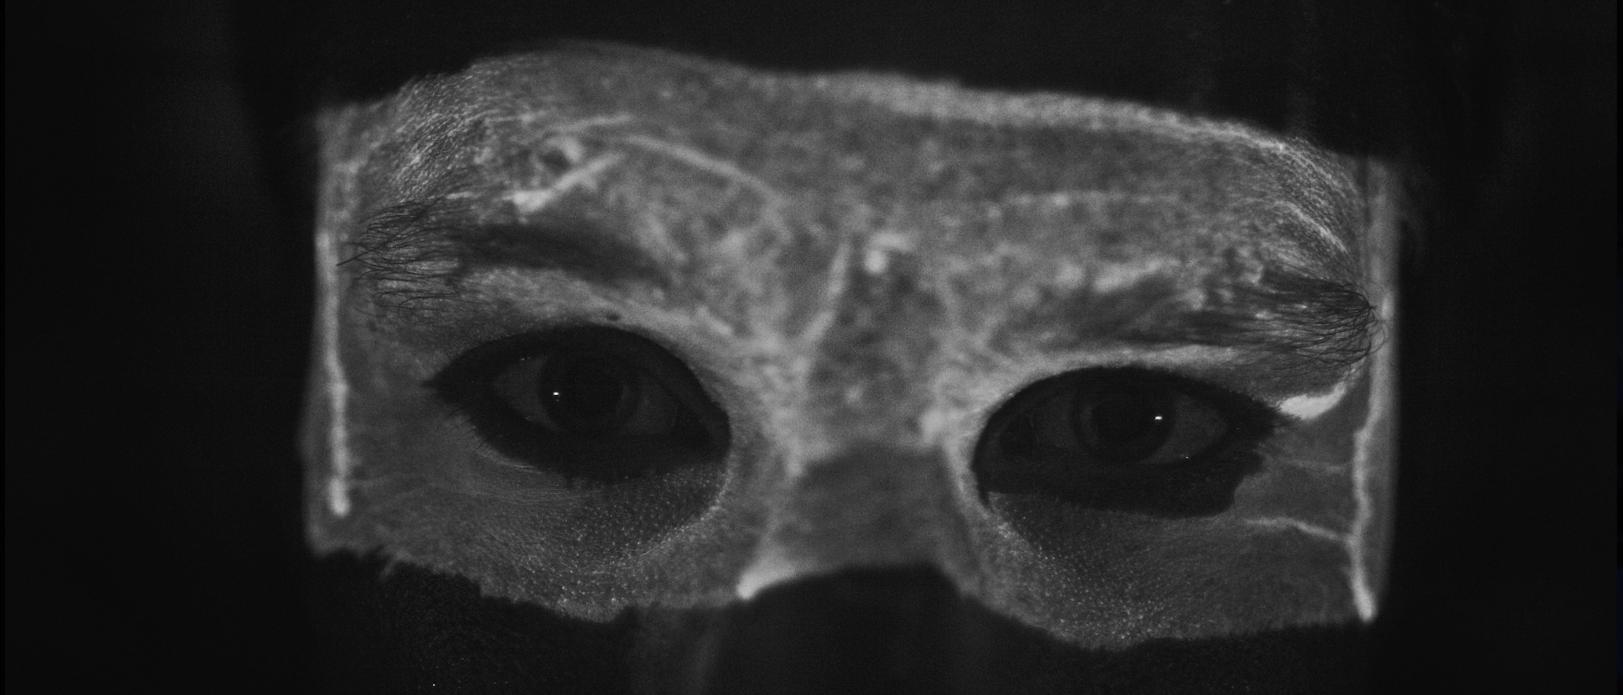 portrait dark noir et blanc video de concert